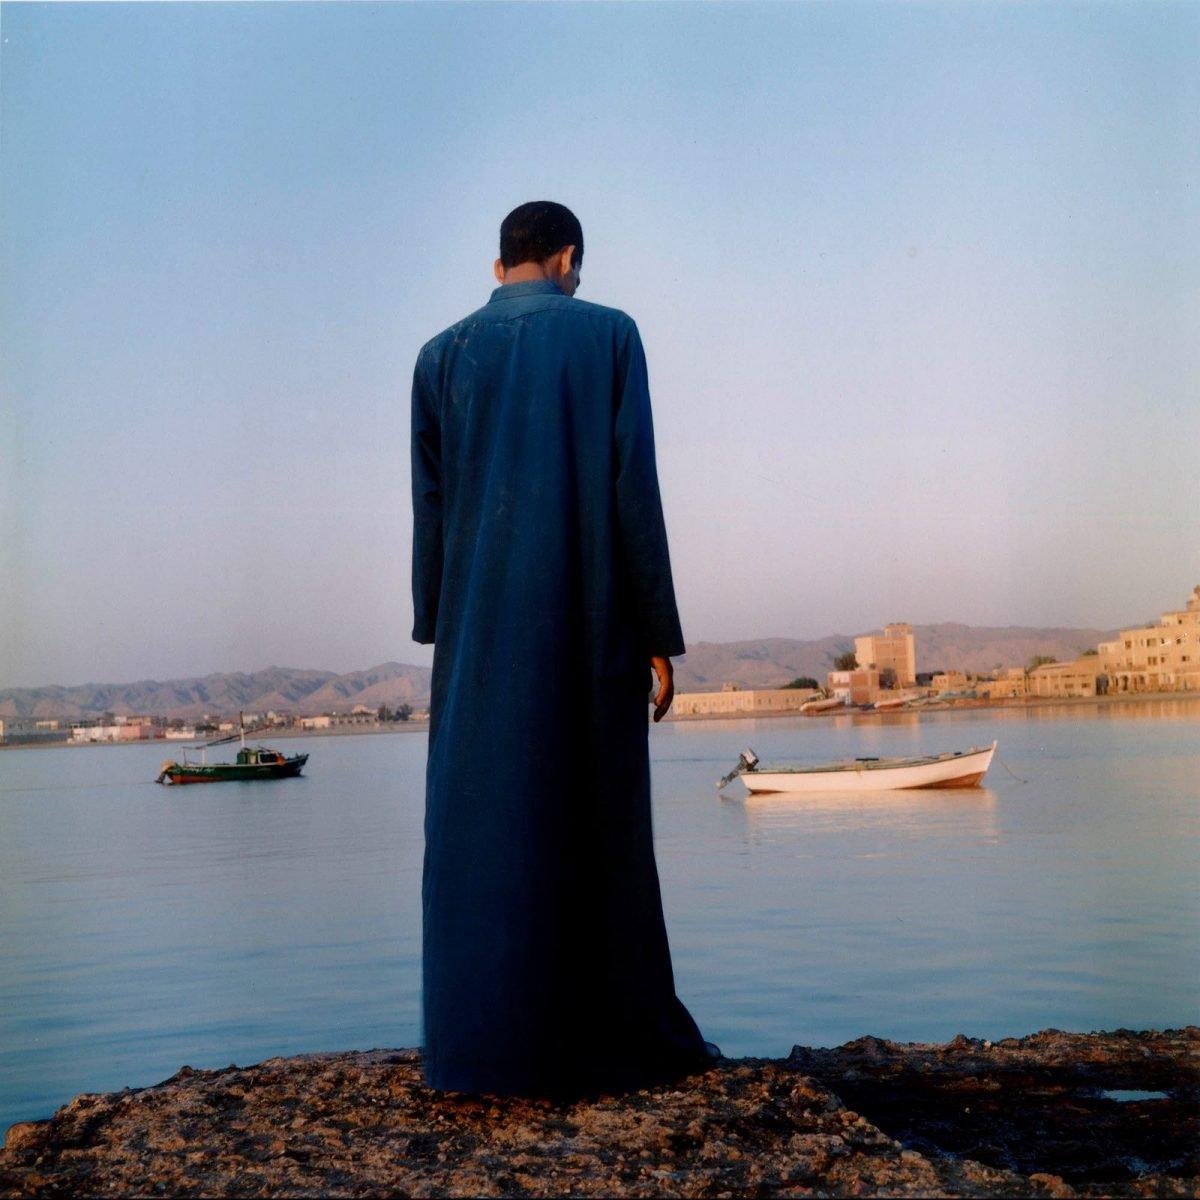 Homme regardant la mer Rouge, El Qusier, 2003 photographie de Denis Dailleux